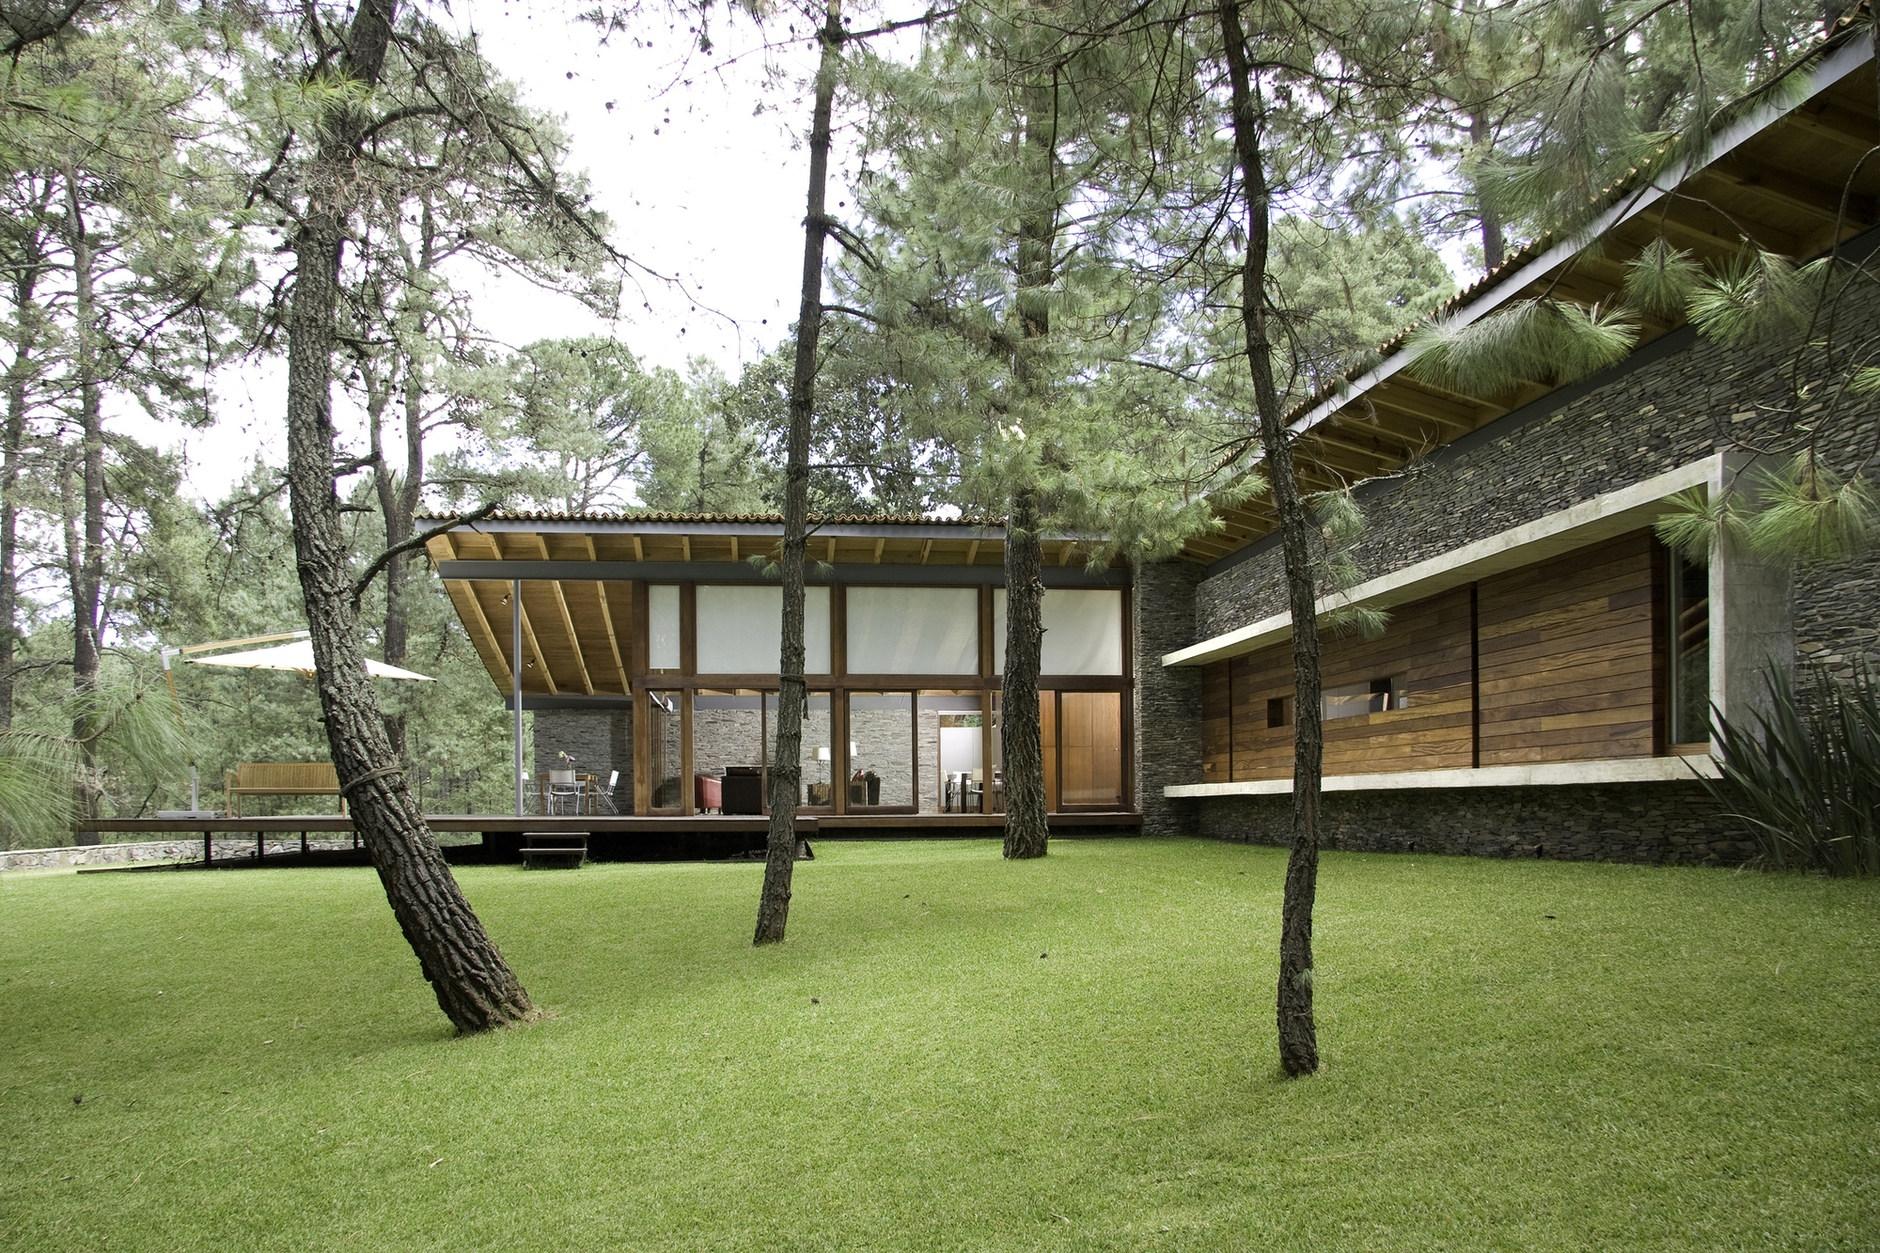 Toc house by el as rizo arquitectos karmatrendz - Casas de campo bonitas ...